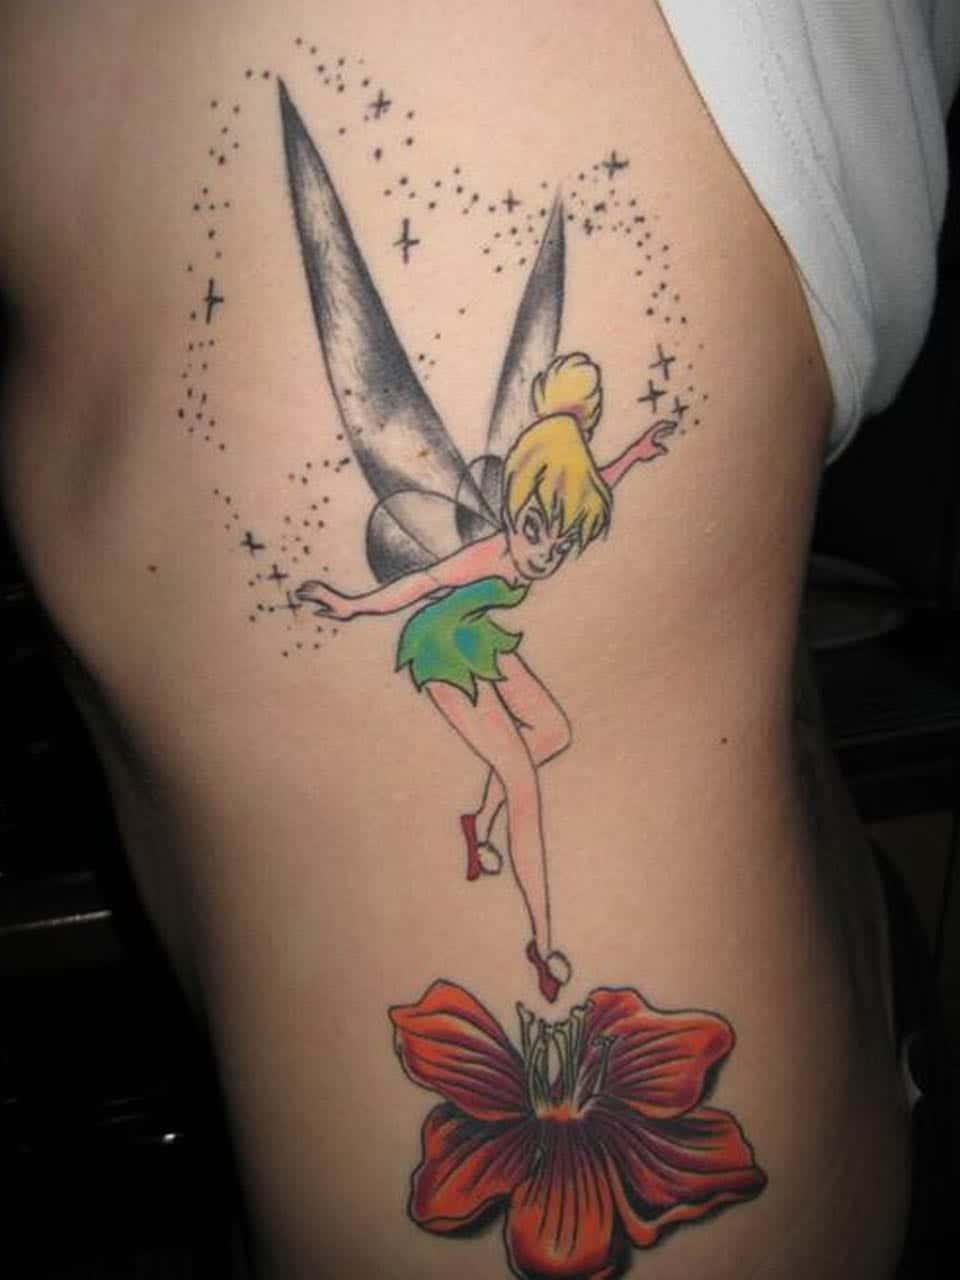 Tatuajes de campanilla qu significan - Tatuajes de pared ...